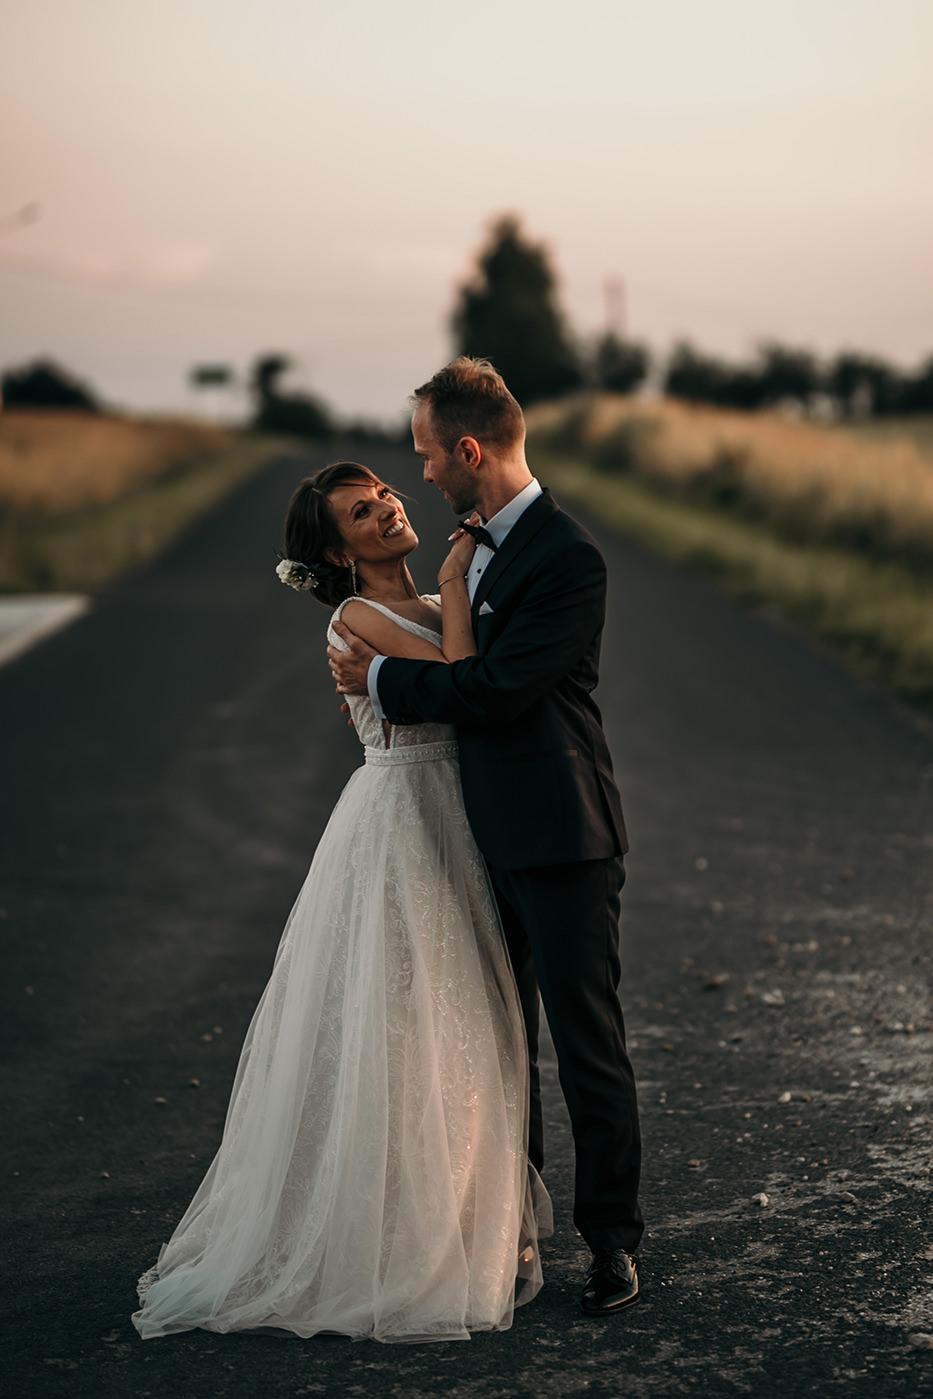 Rustykalne wesele - Magnoliowy Dwór 83